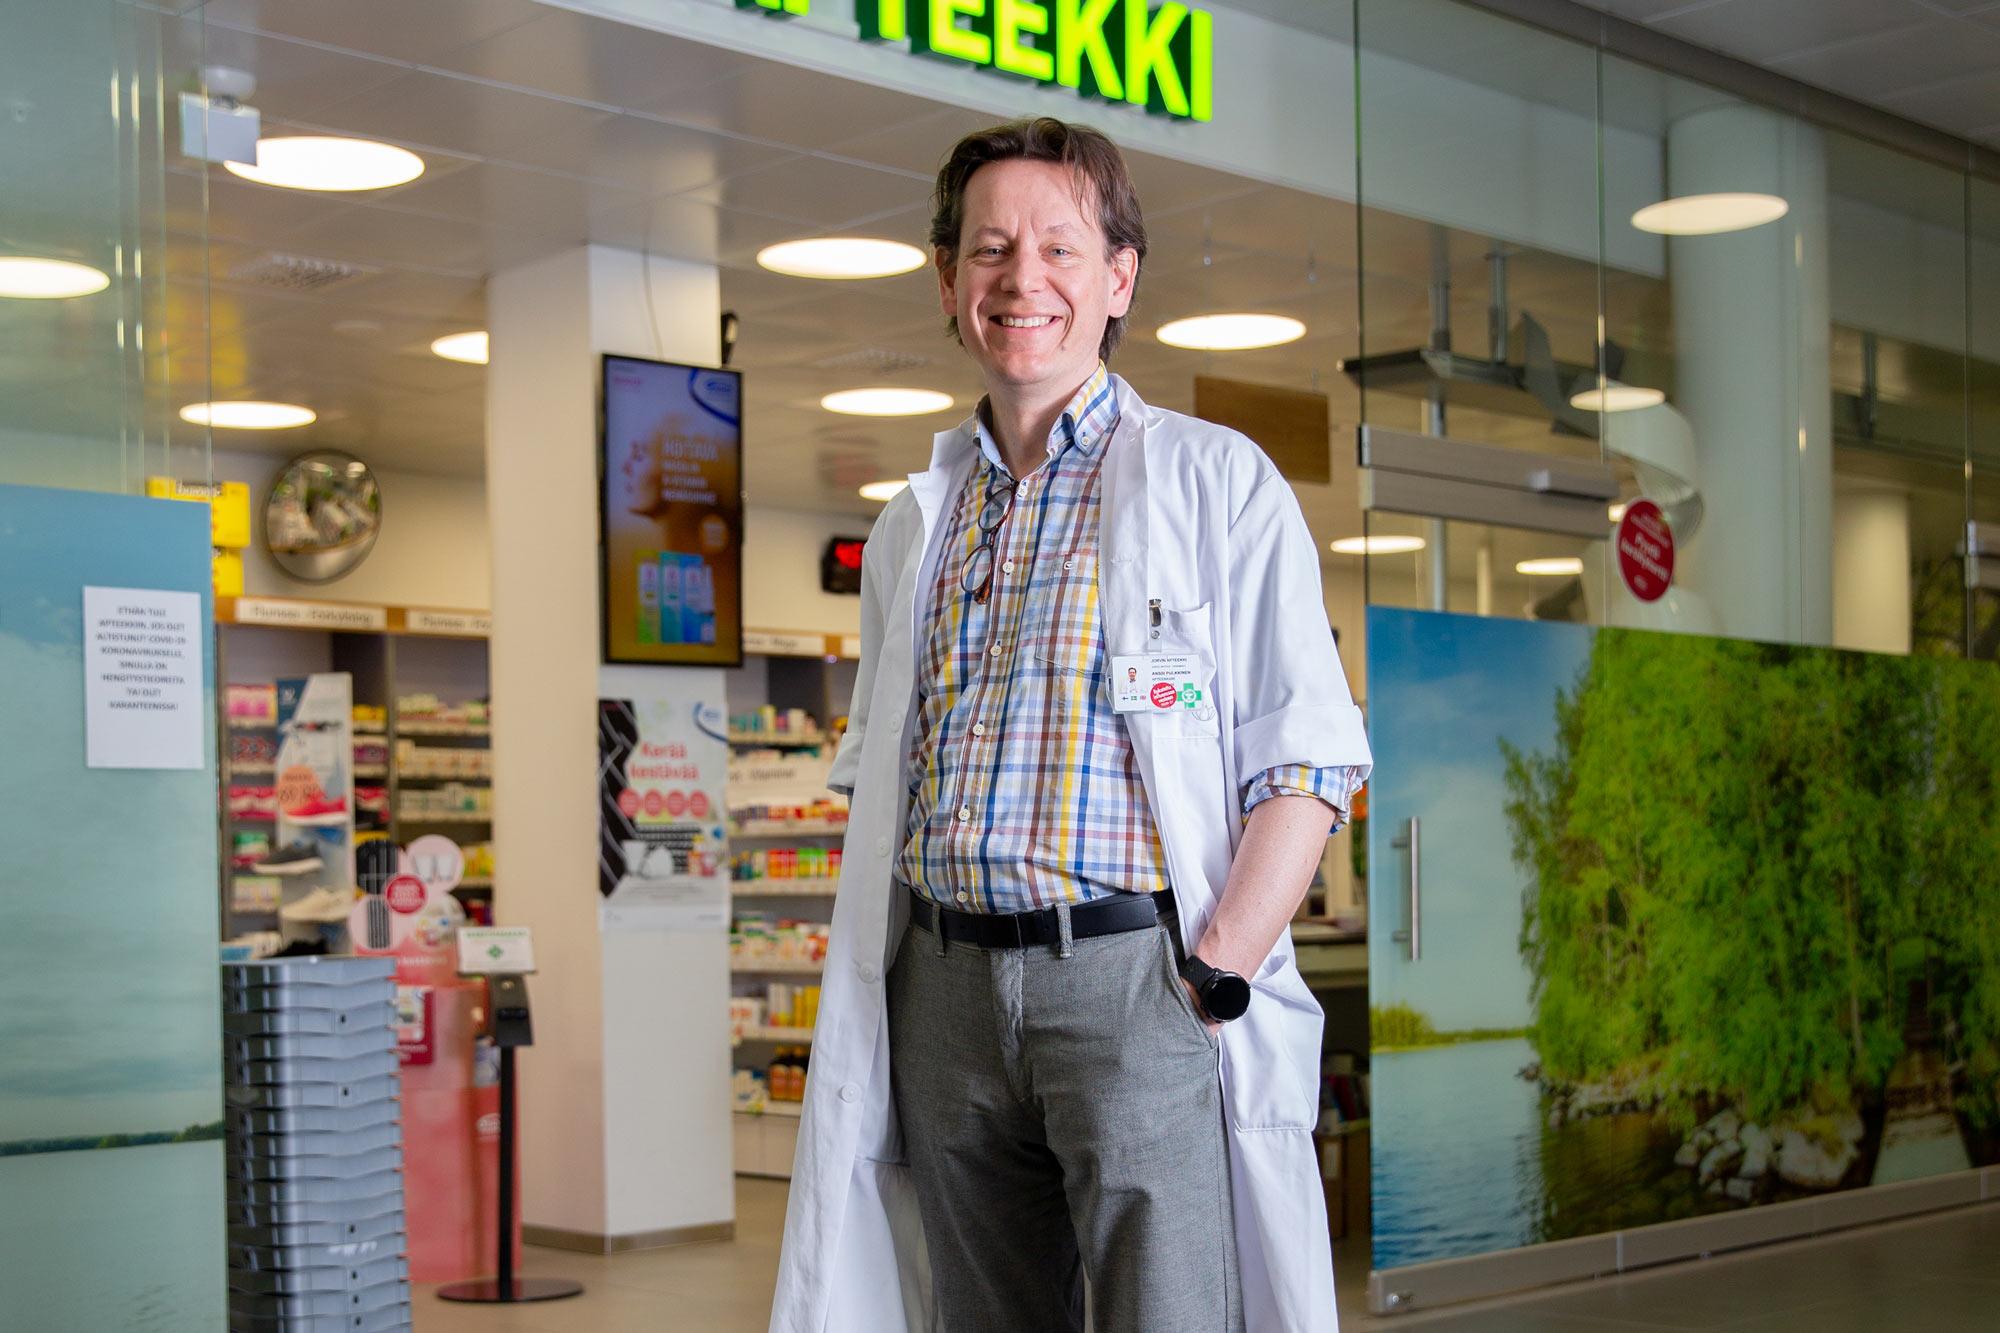 Myös Jorvin apteekissa tuotetaan koneellista Anja-annosjakelupalvelua